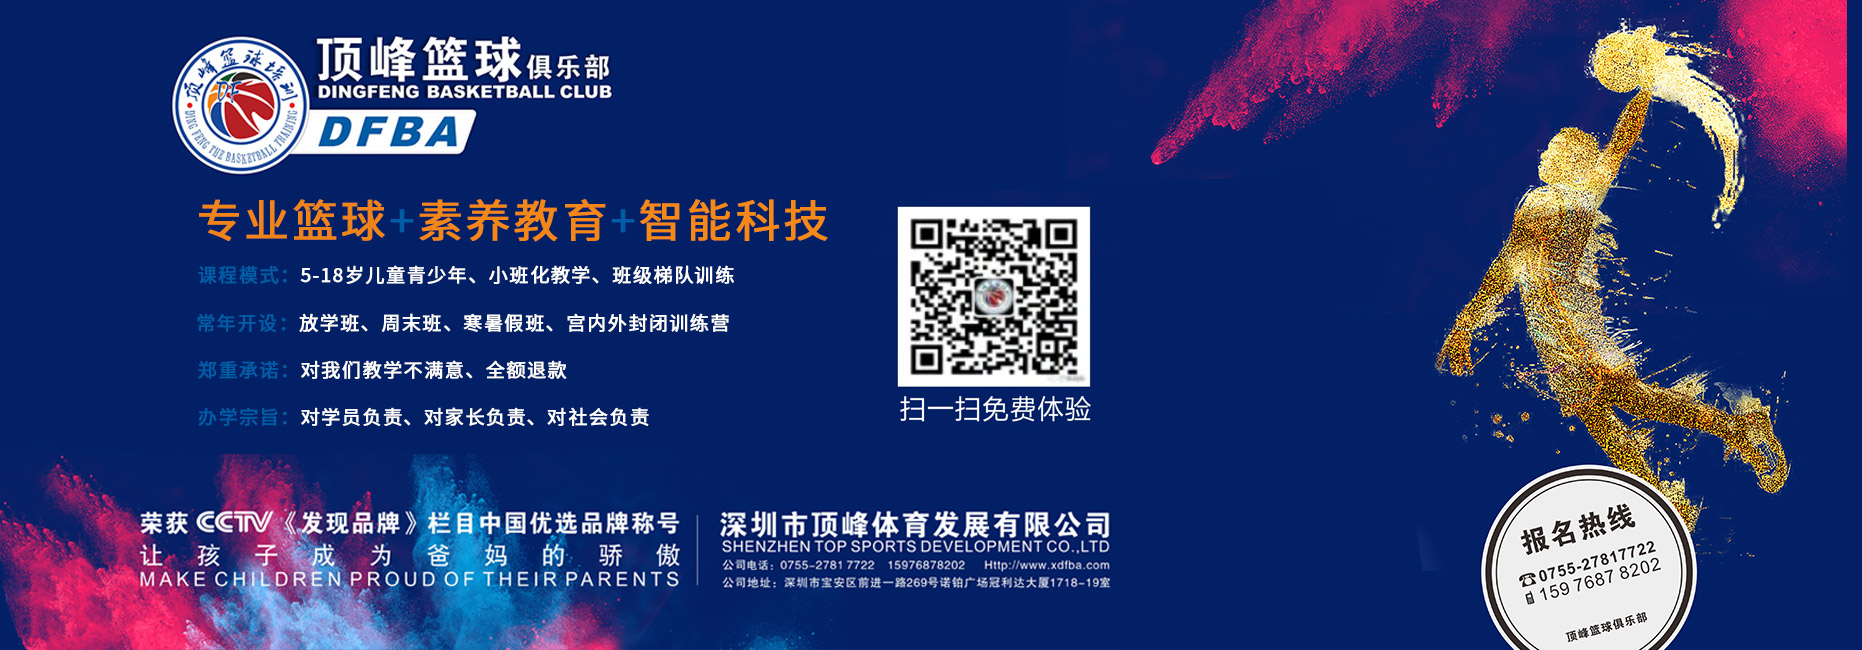 AG平台篮球-荣获中国体育行业优选品牌称号